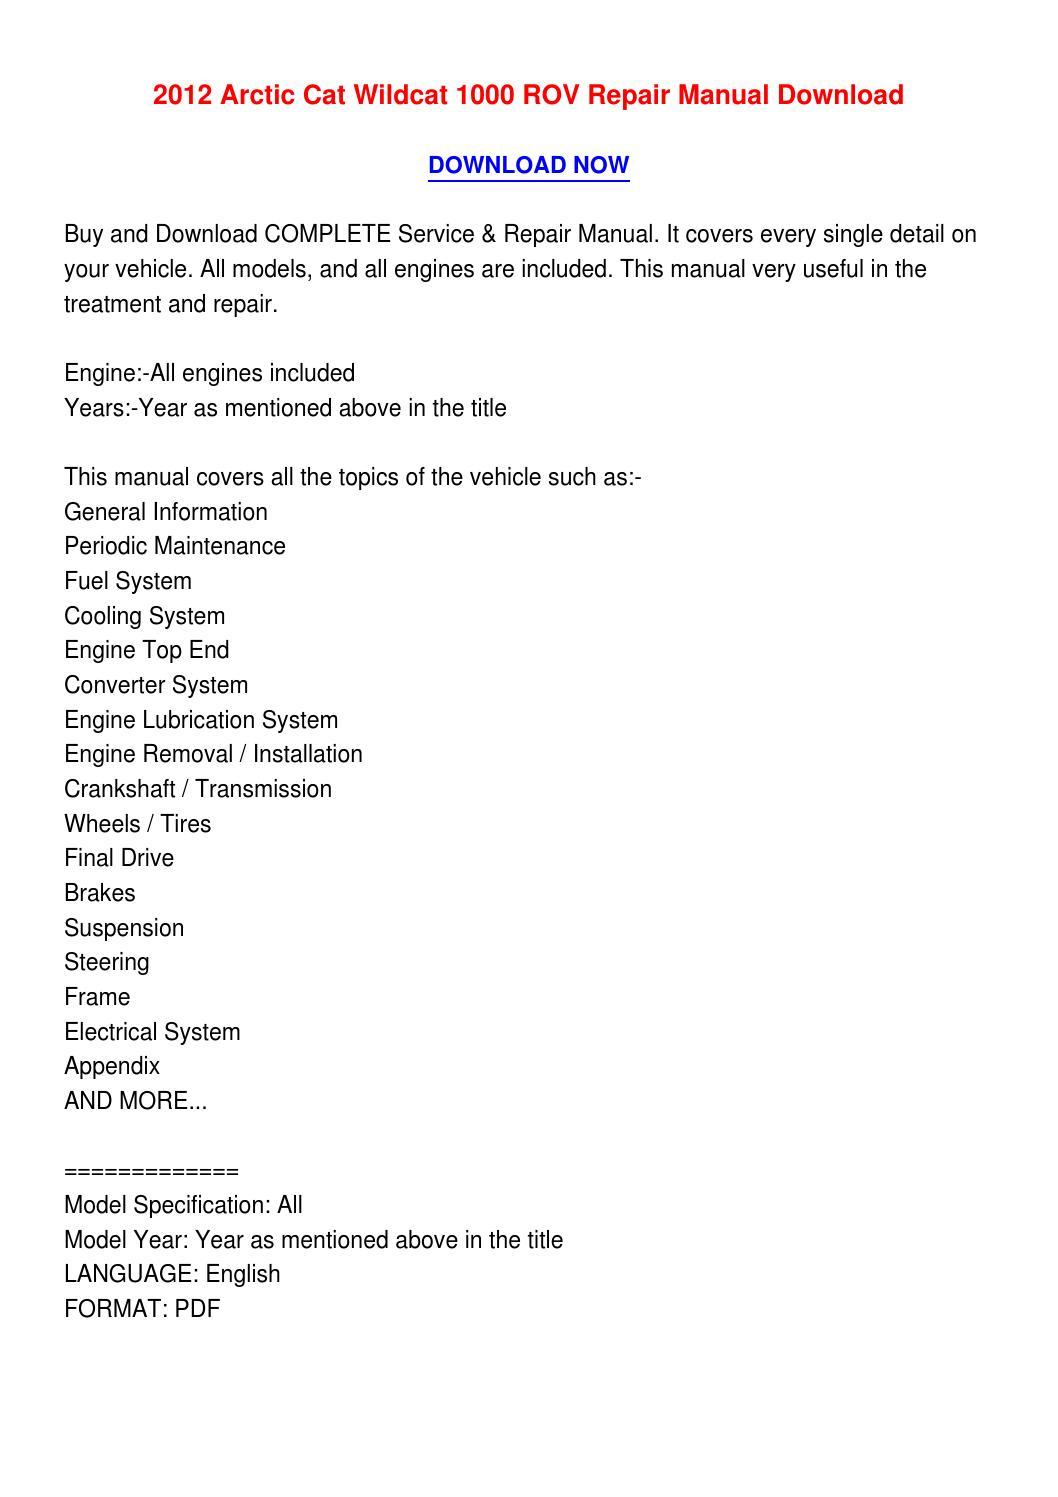 2012 Arctic Cat Wildcat 1000 Rov Repair Manual Download By Nadiarumpgvlsv Issuu